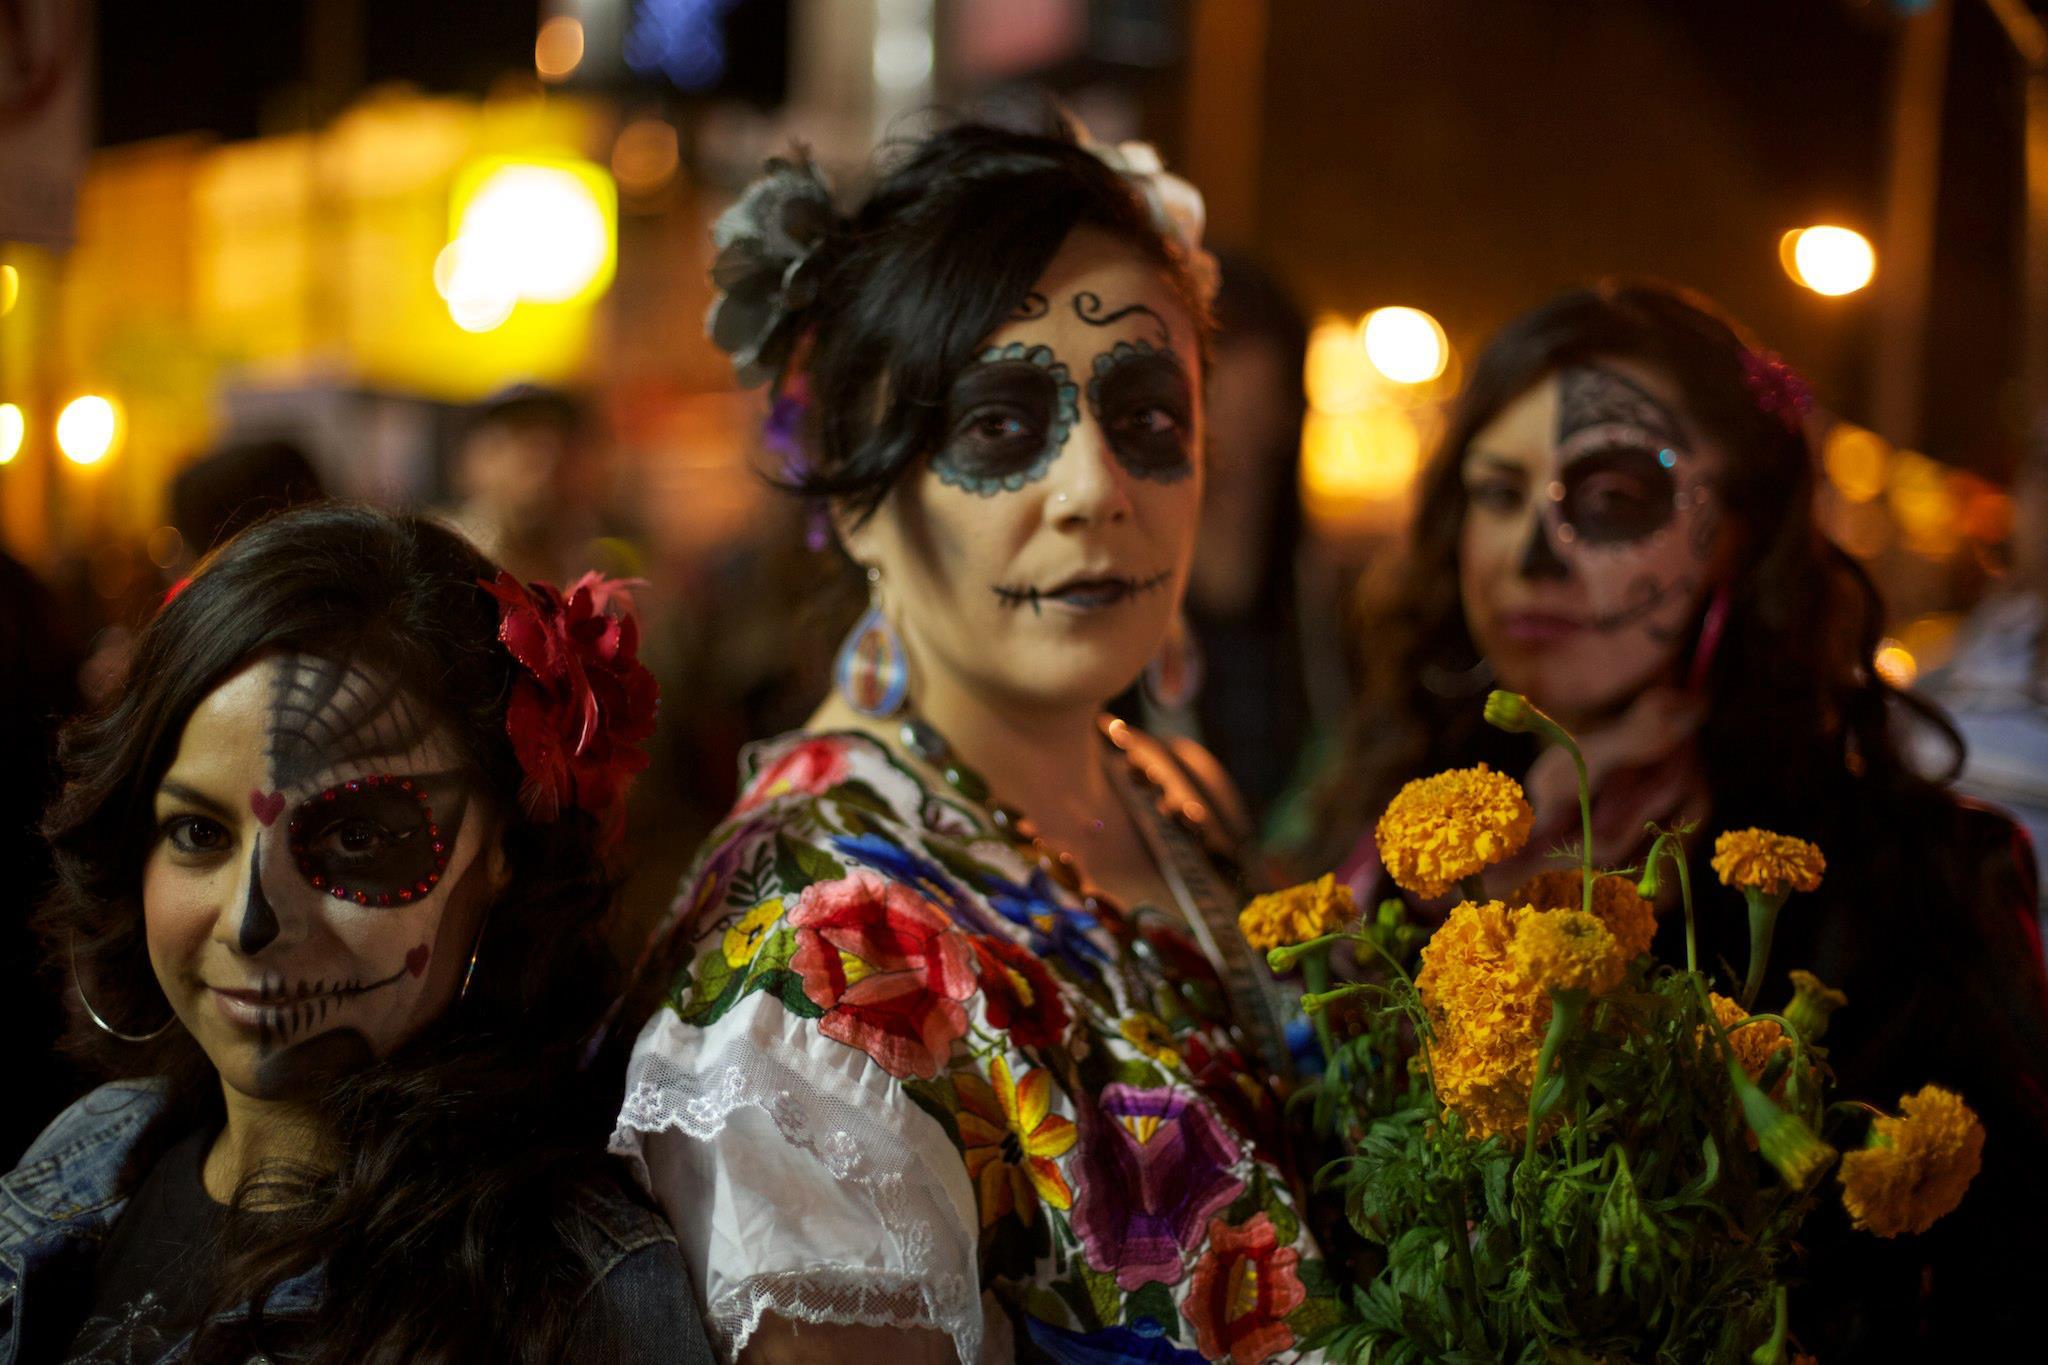 Dia_de_los_Muertos_Celebration_in_Mission_District_of_San_Francisco,_CA